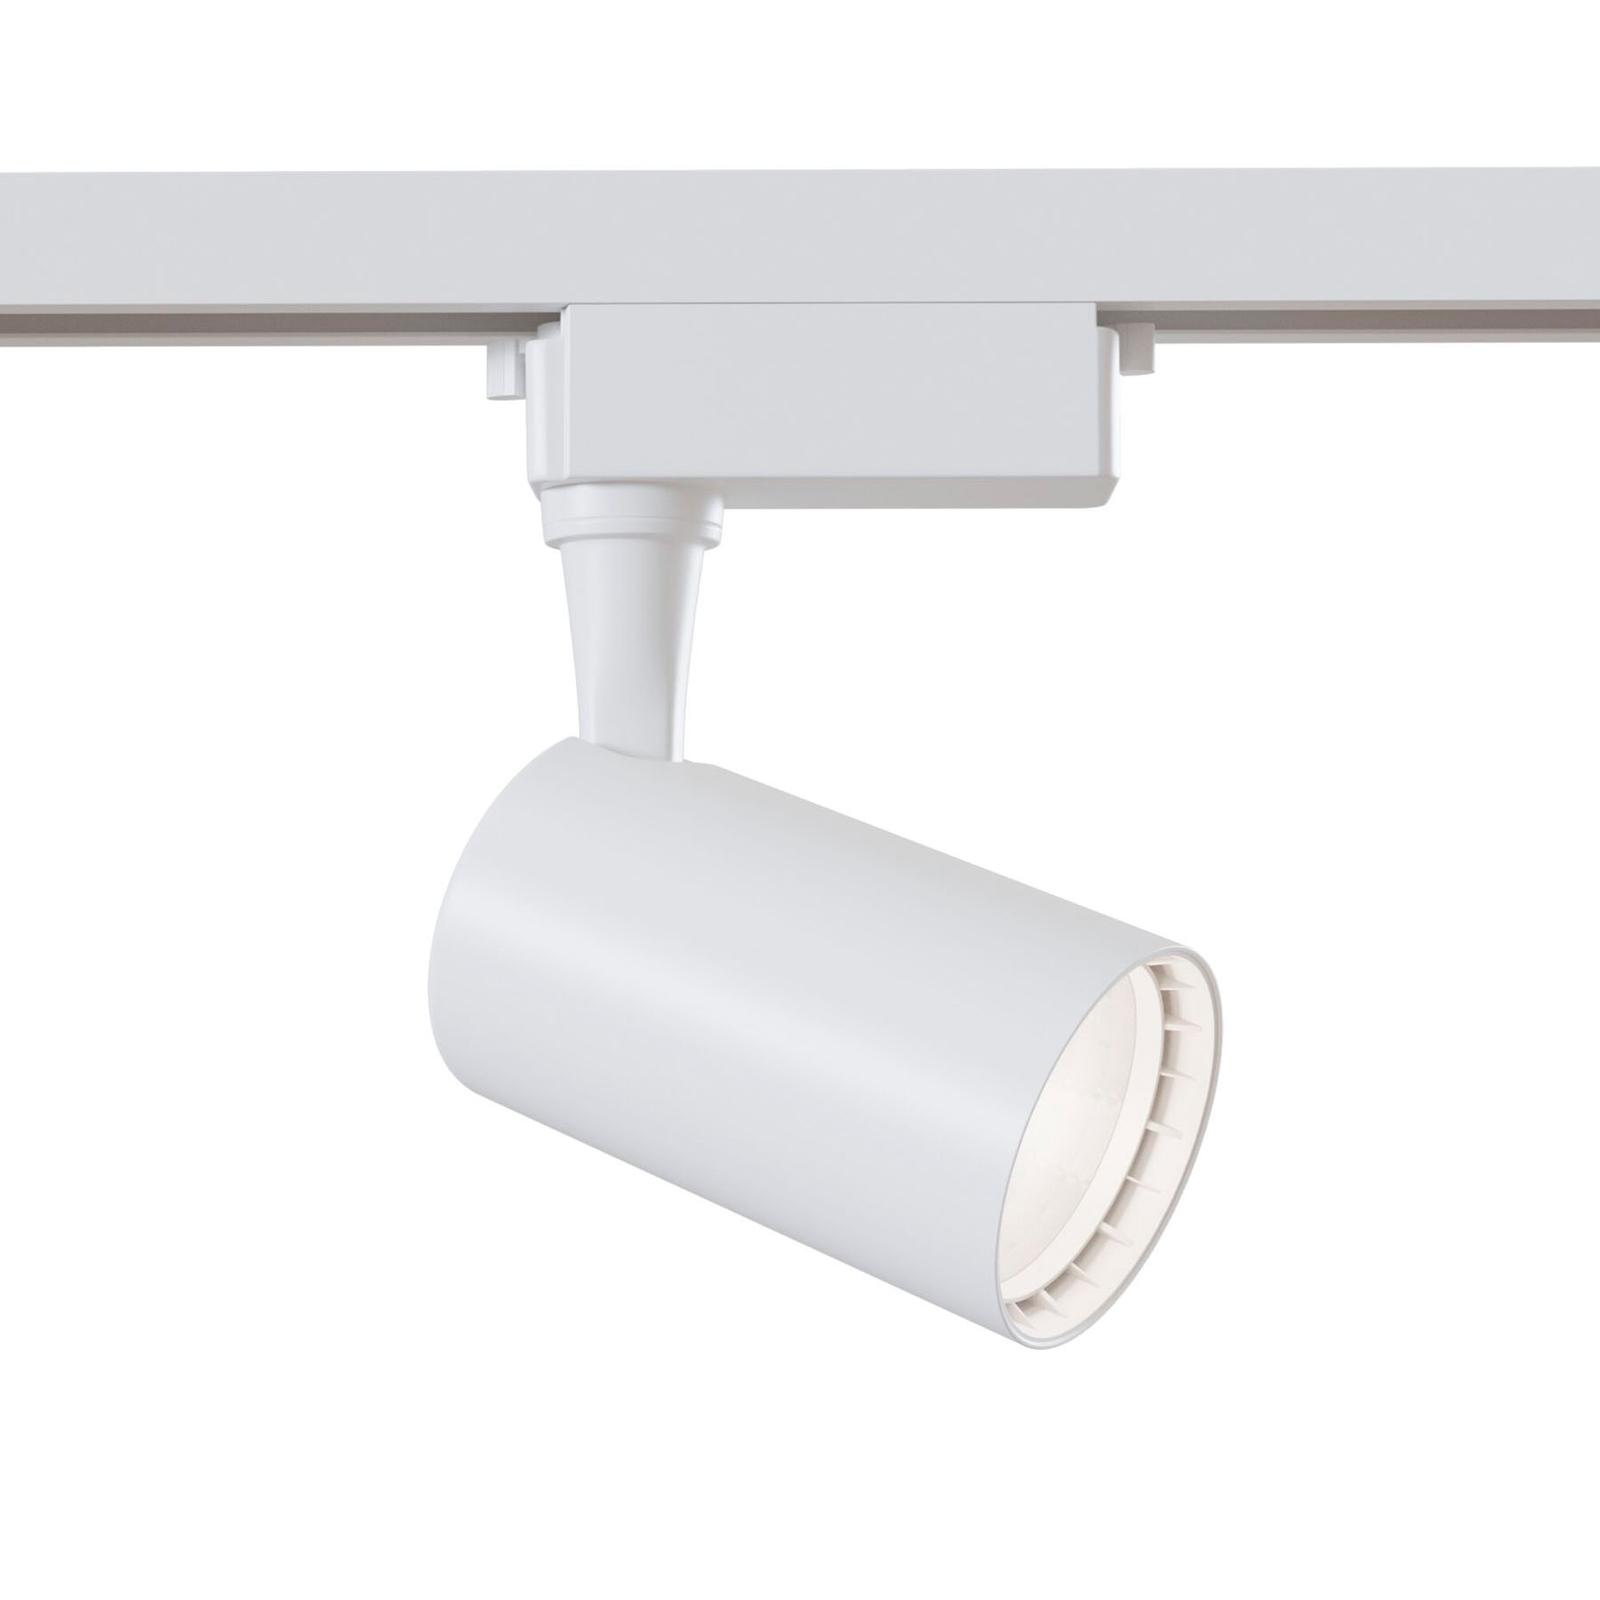 Track LED 1-fase-spot 3 000 K 6W, hvit